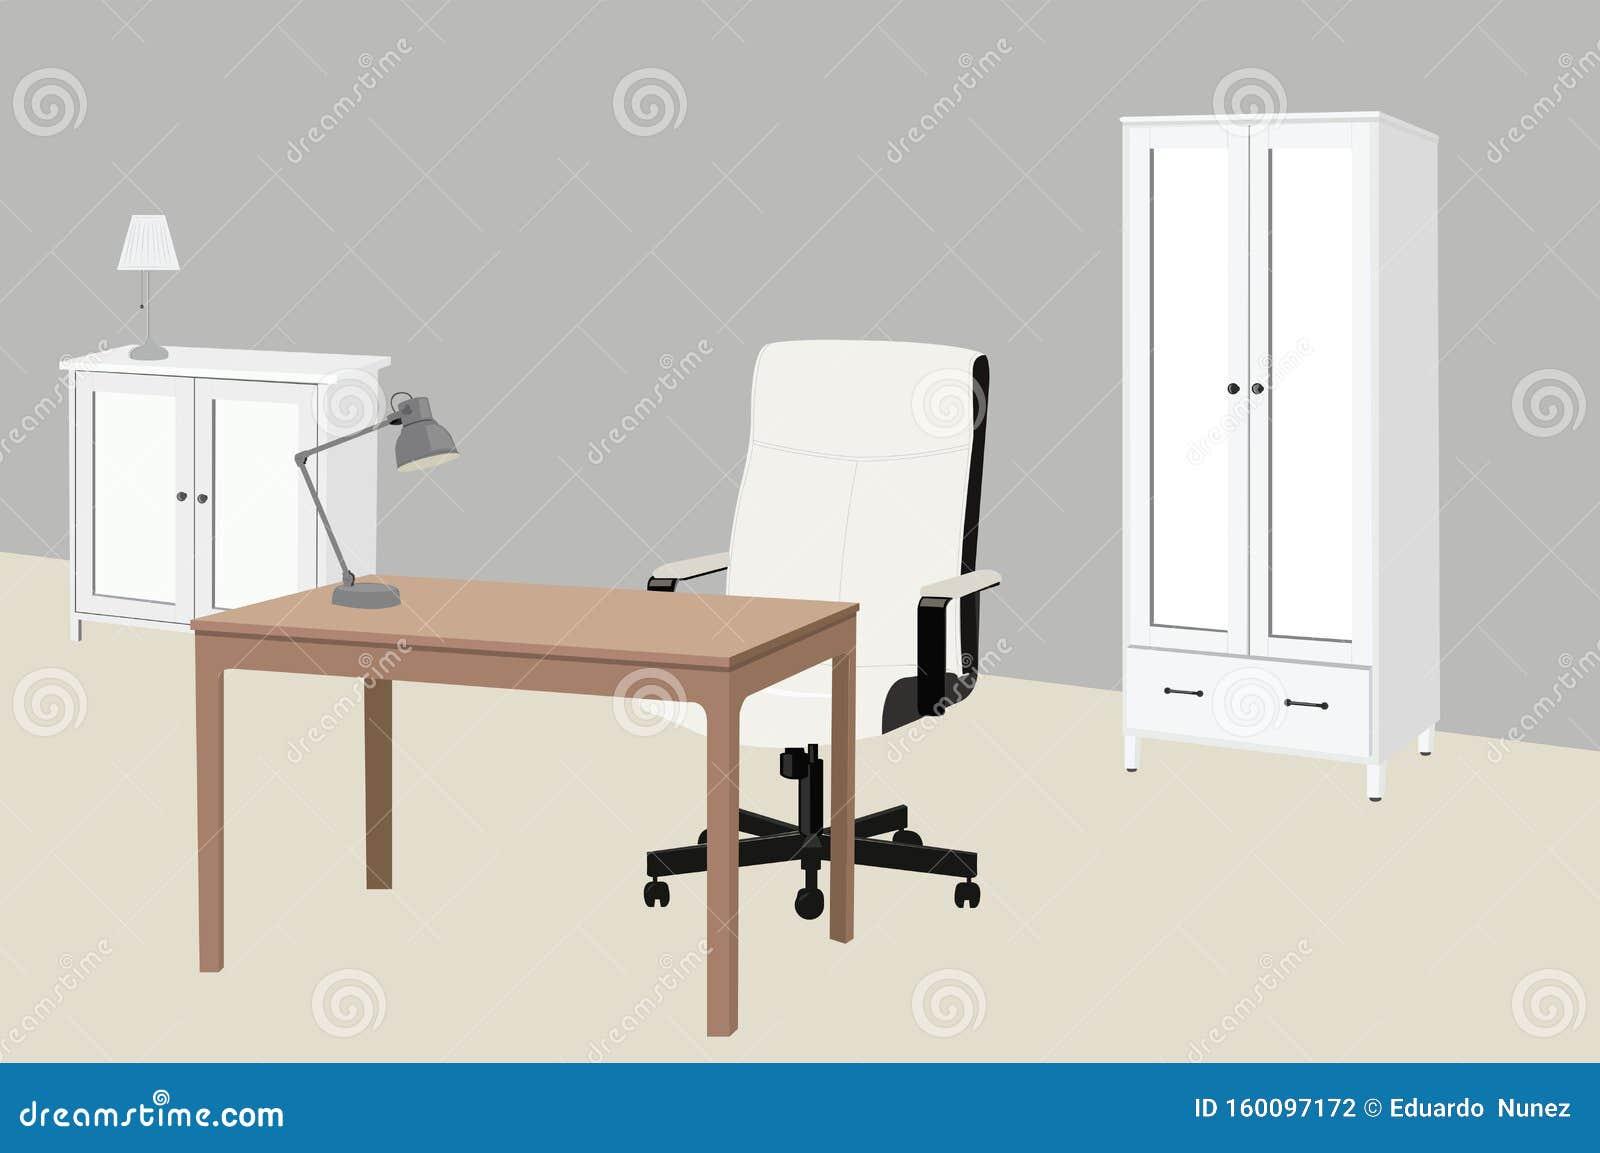 Illustration Av Vektorer I Ett Studierum Eller Ett Kontor